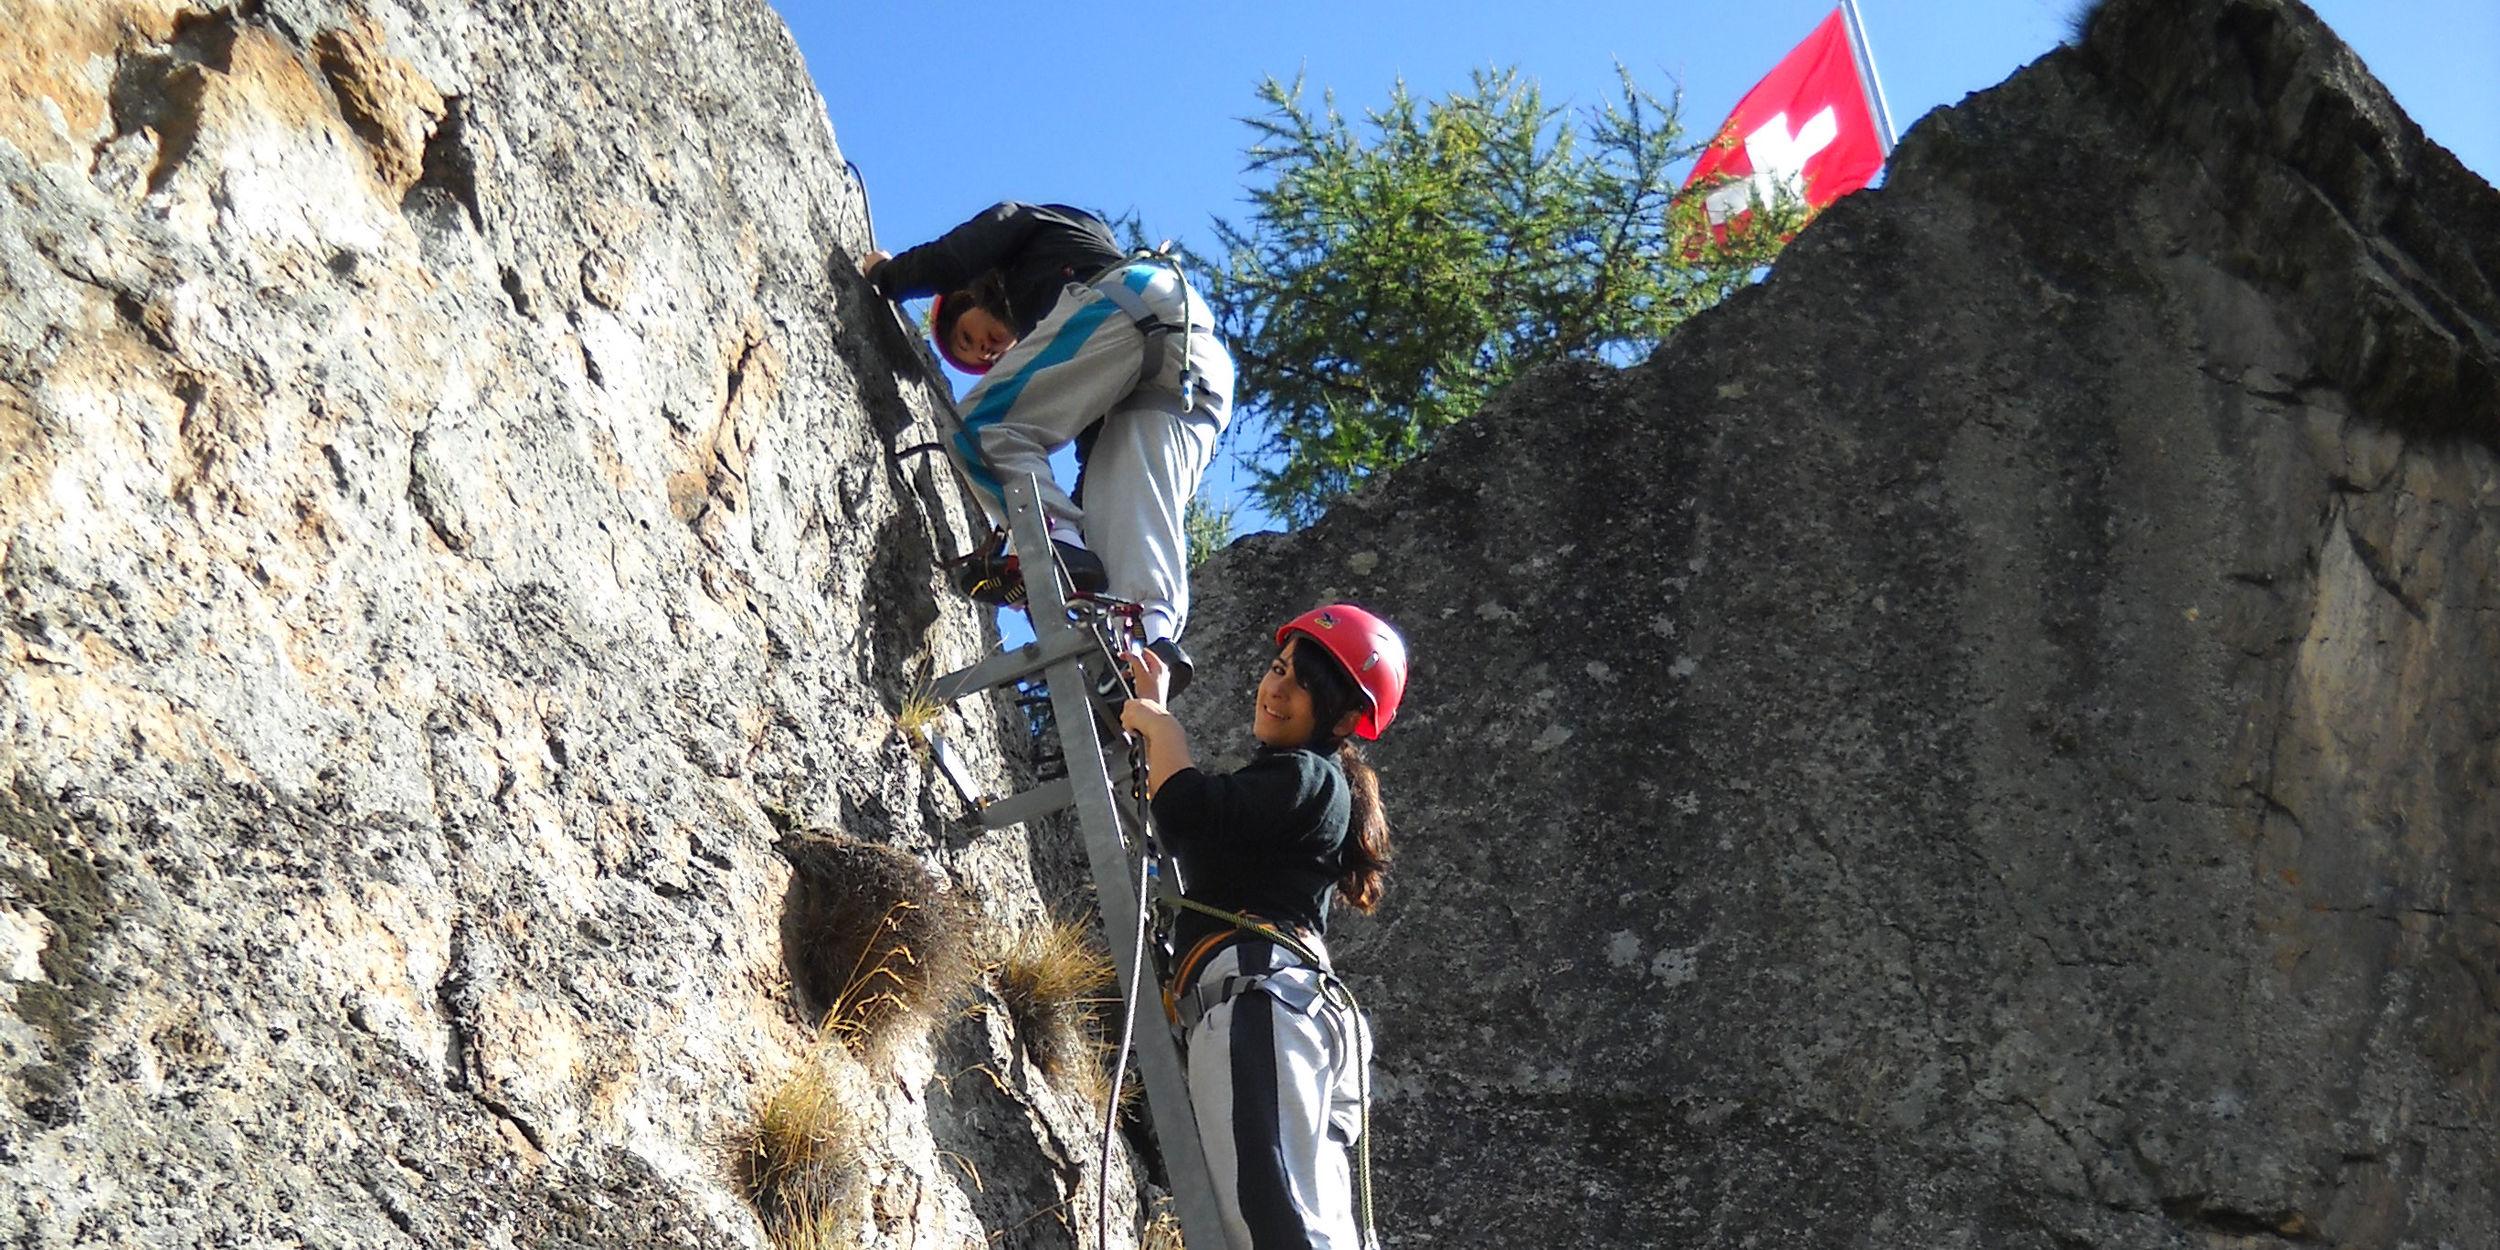 Klettern für Kinder in der Freien Ferienrepublik Saas-Fee